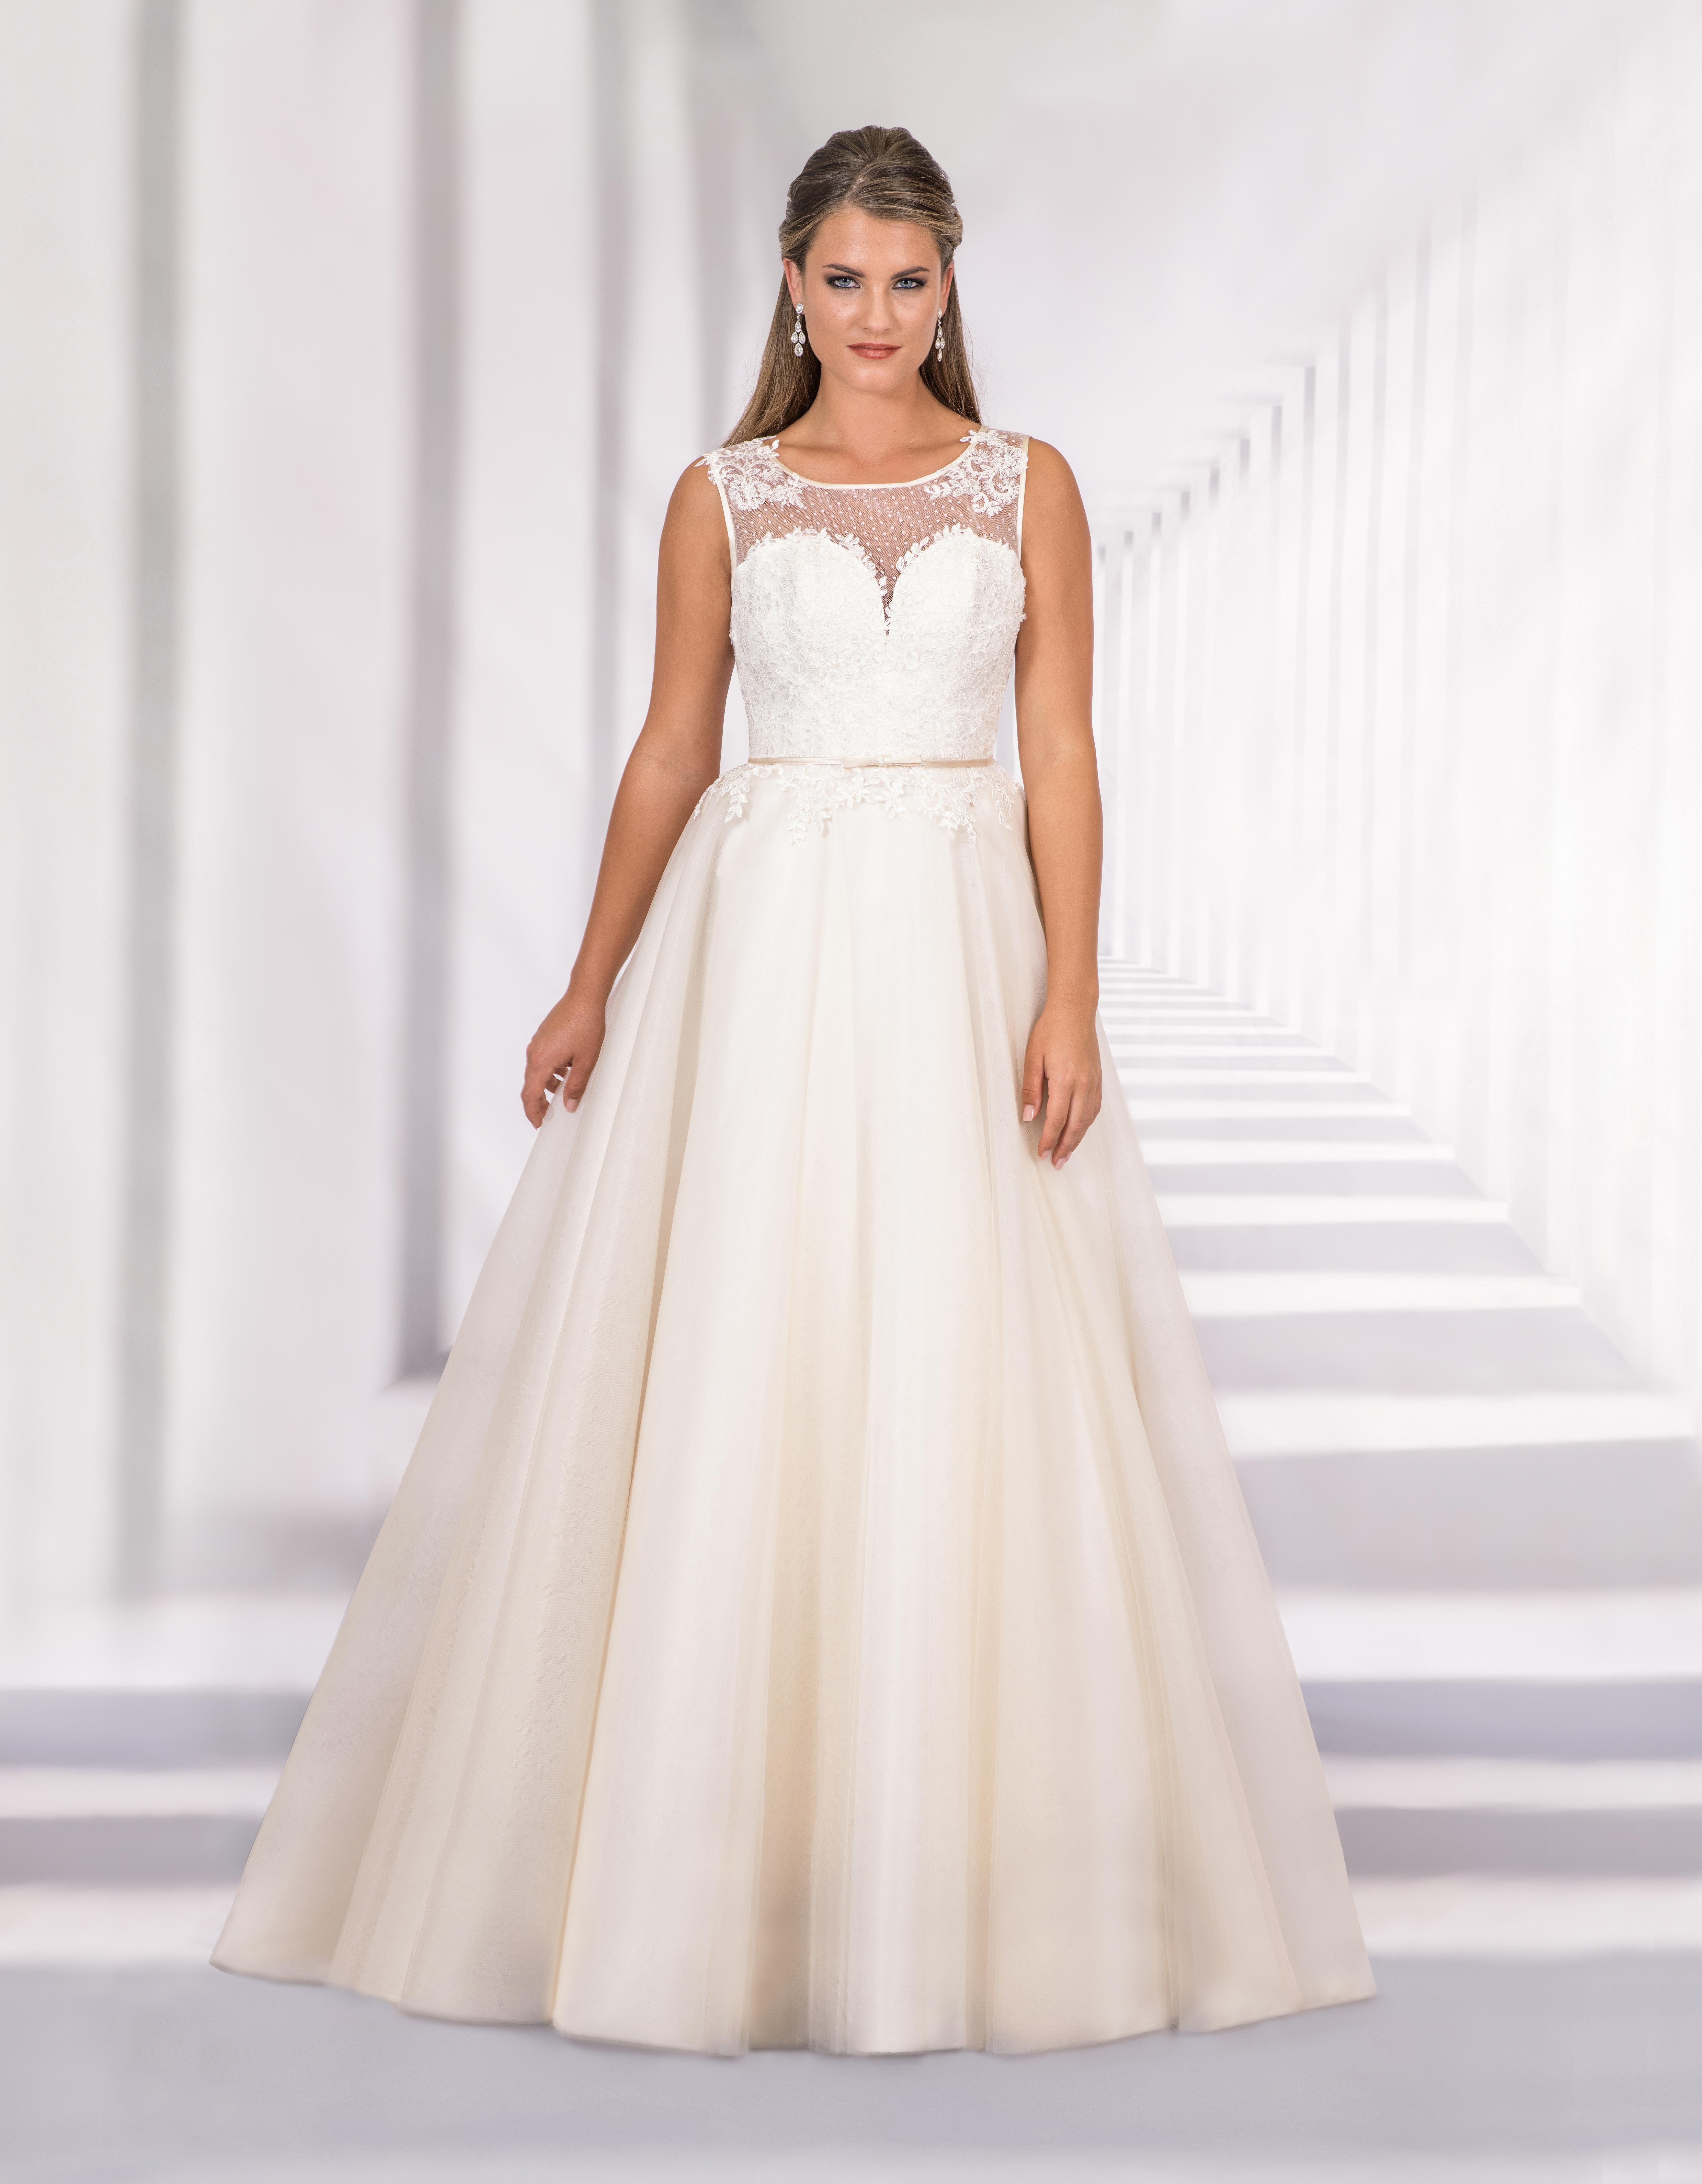 Bodenlanges Brautkleid mit transparentem Oberteil und Herzausschnitt